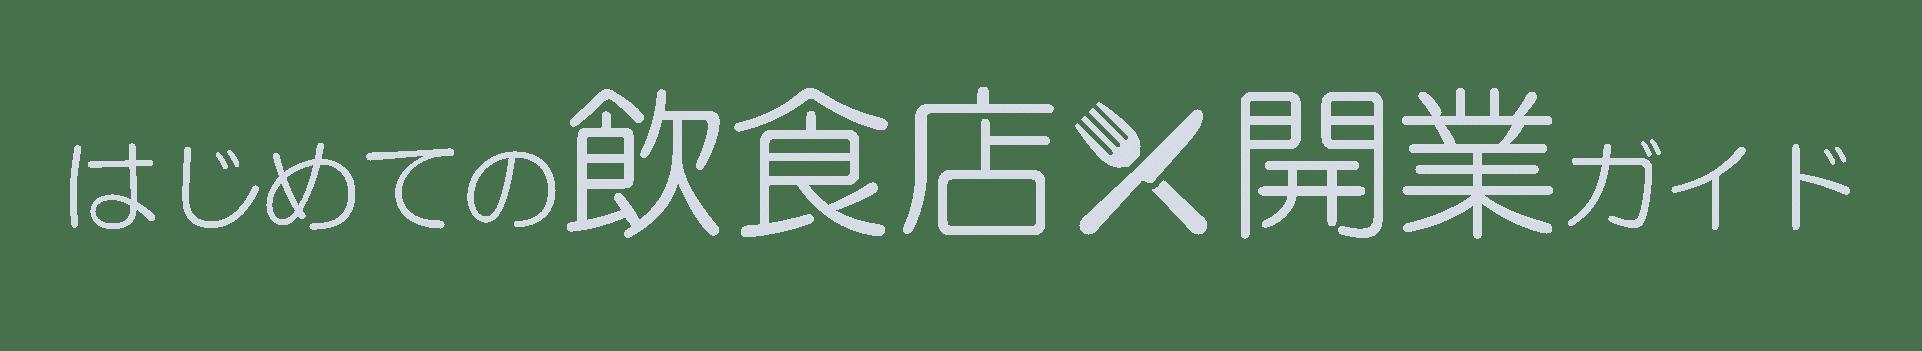 はじめての飲食店開業ガイド